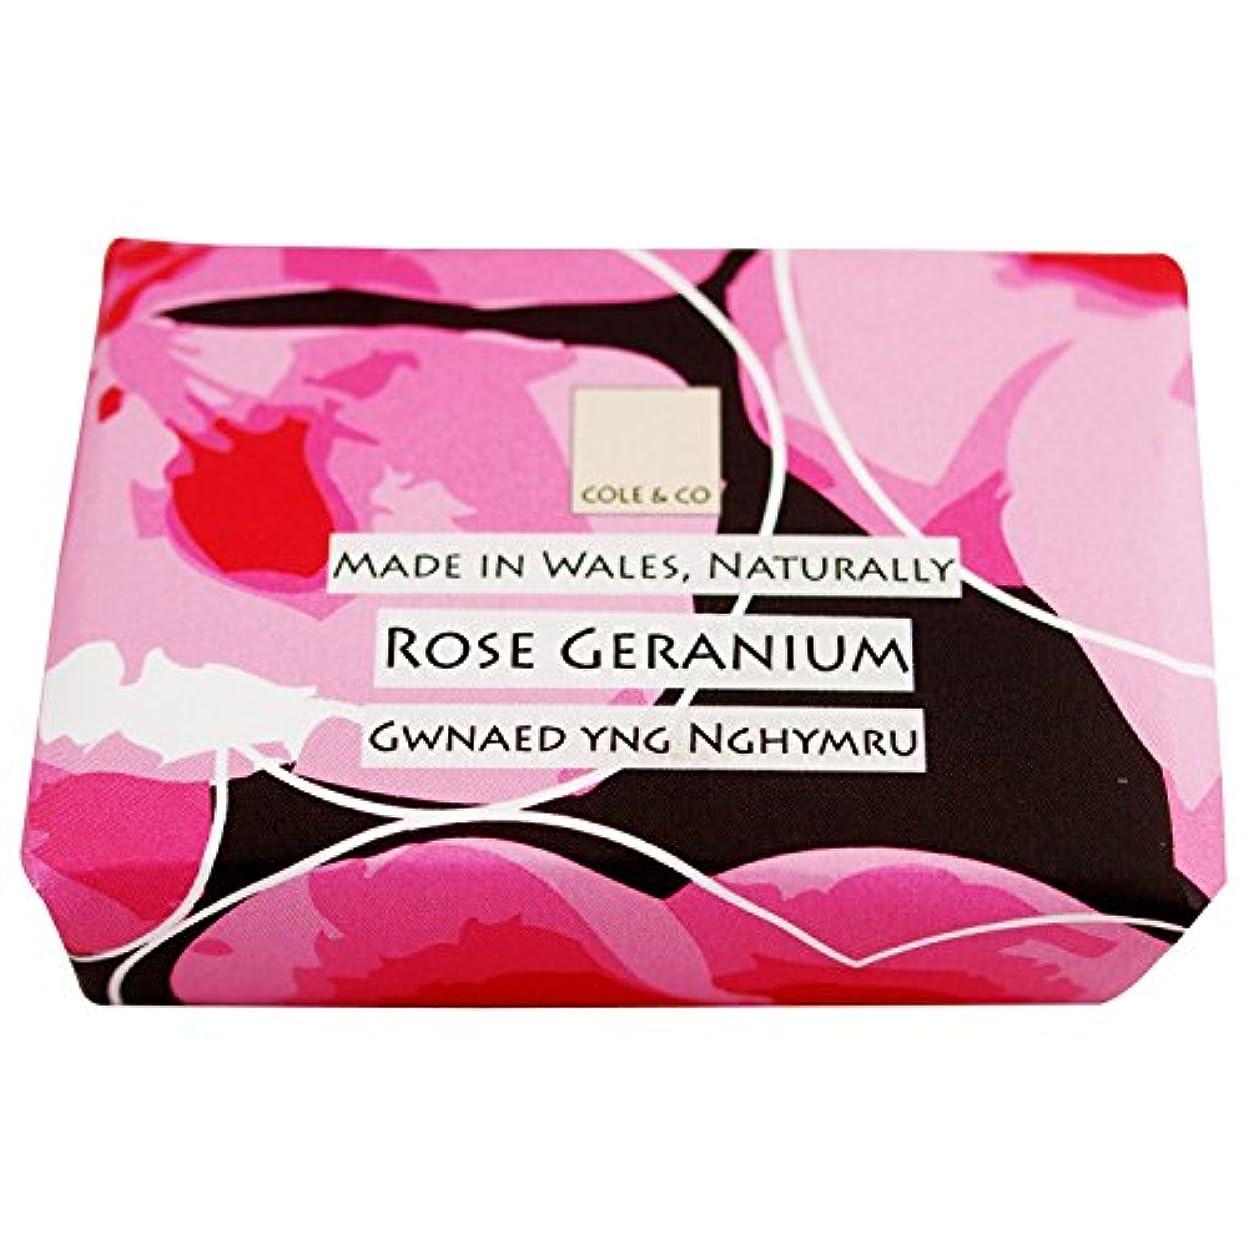 ベーコン肉苦味コール&Coはゼラニウム石鹸80グラムのバラ (Cole & Co) - Cole & Co Rose Geranium Soap 80g [並行輸入品]